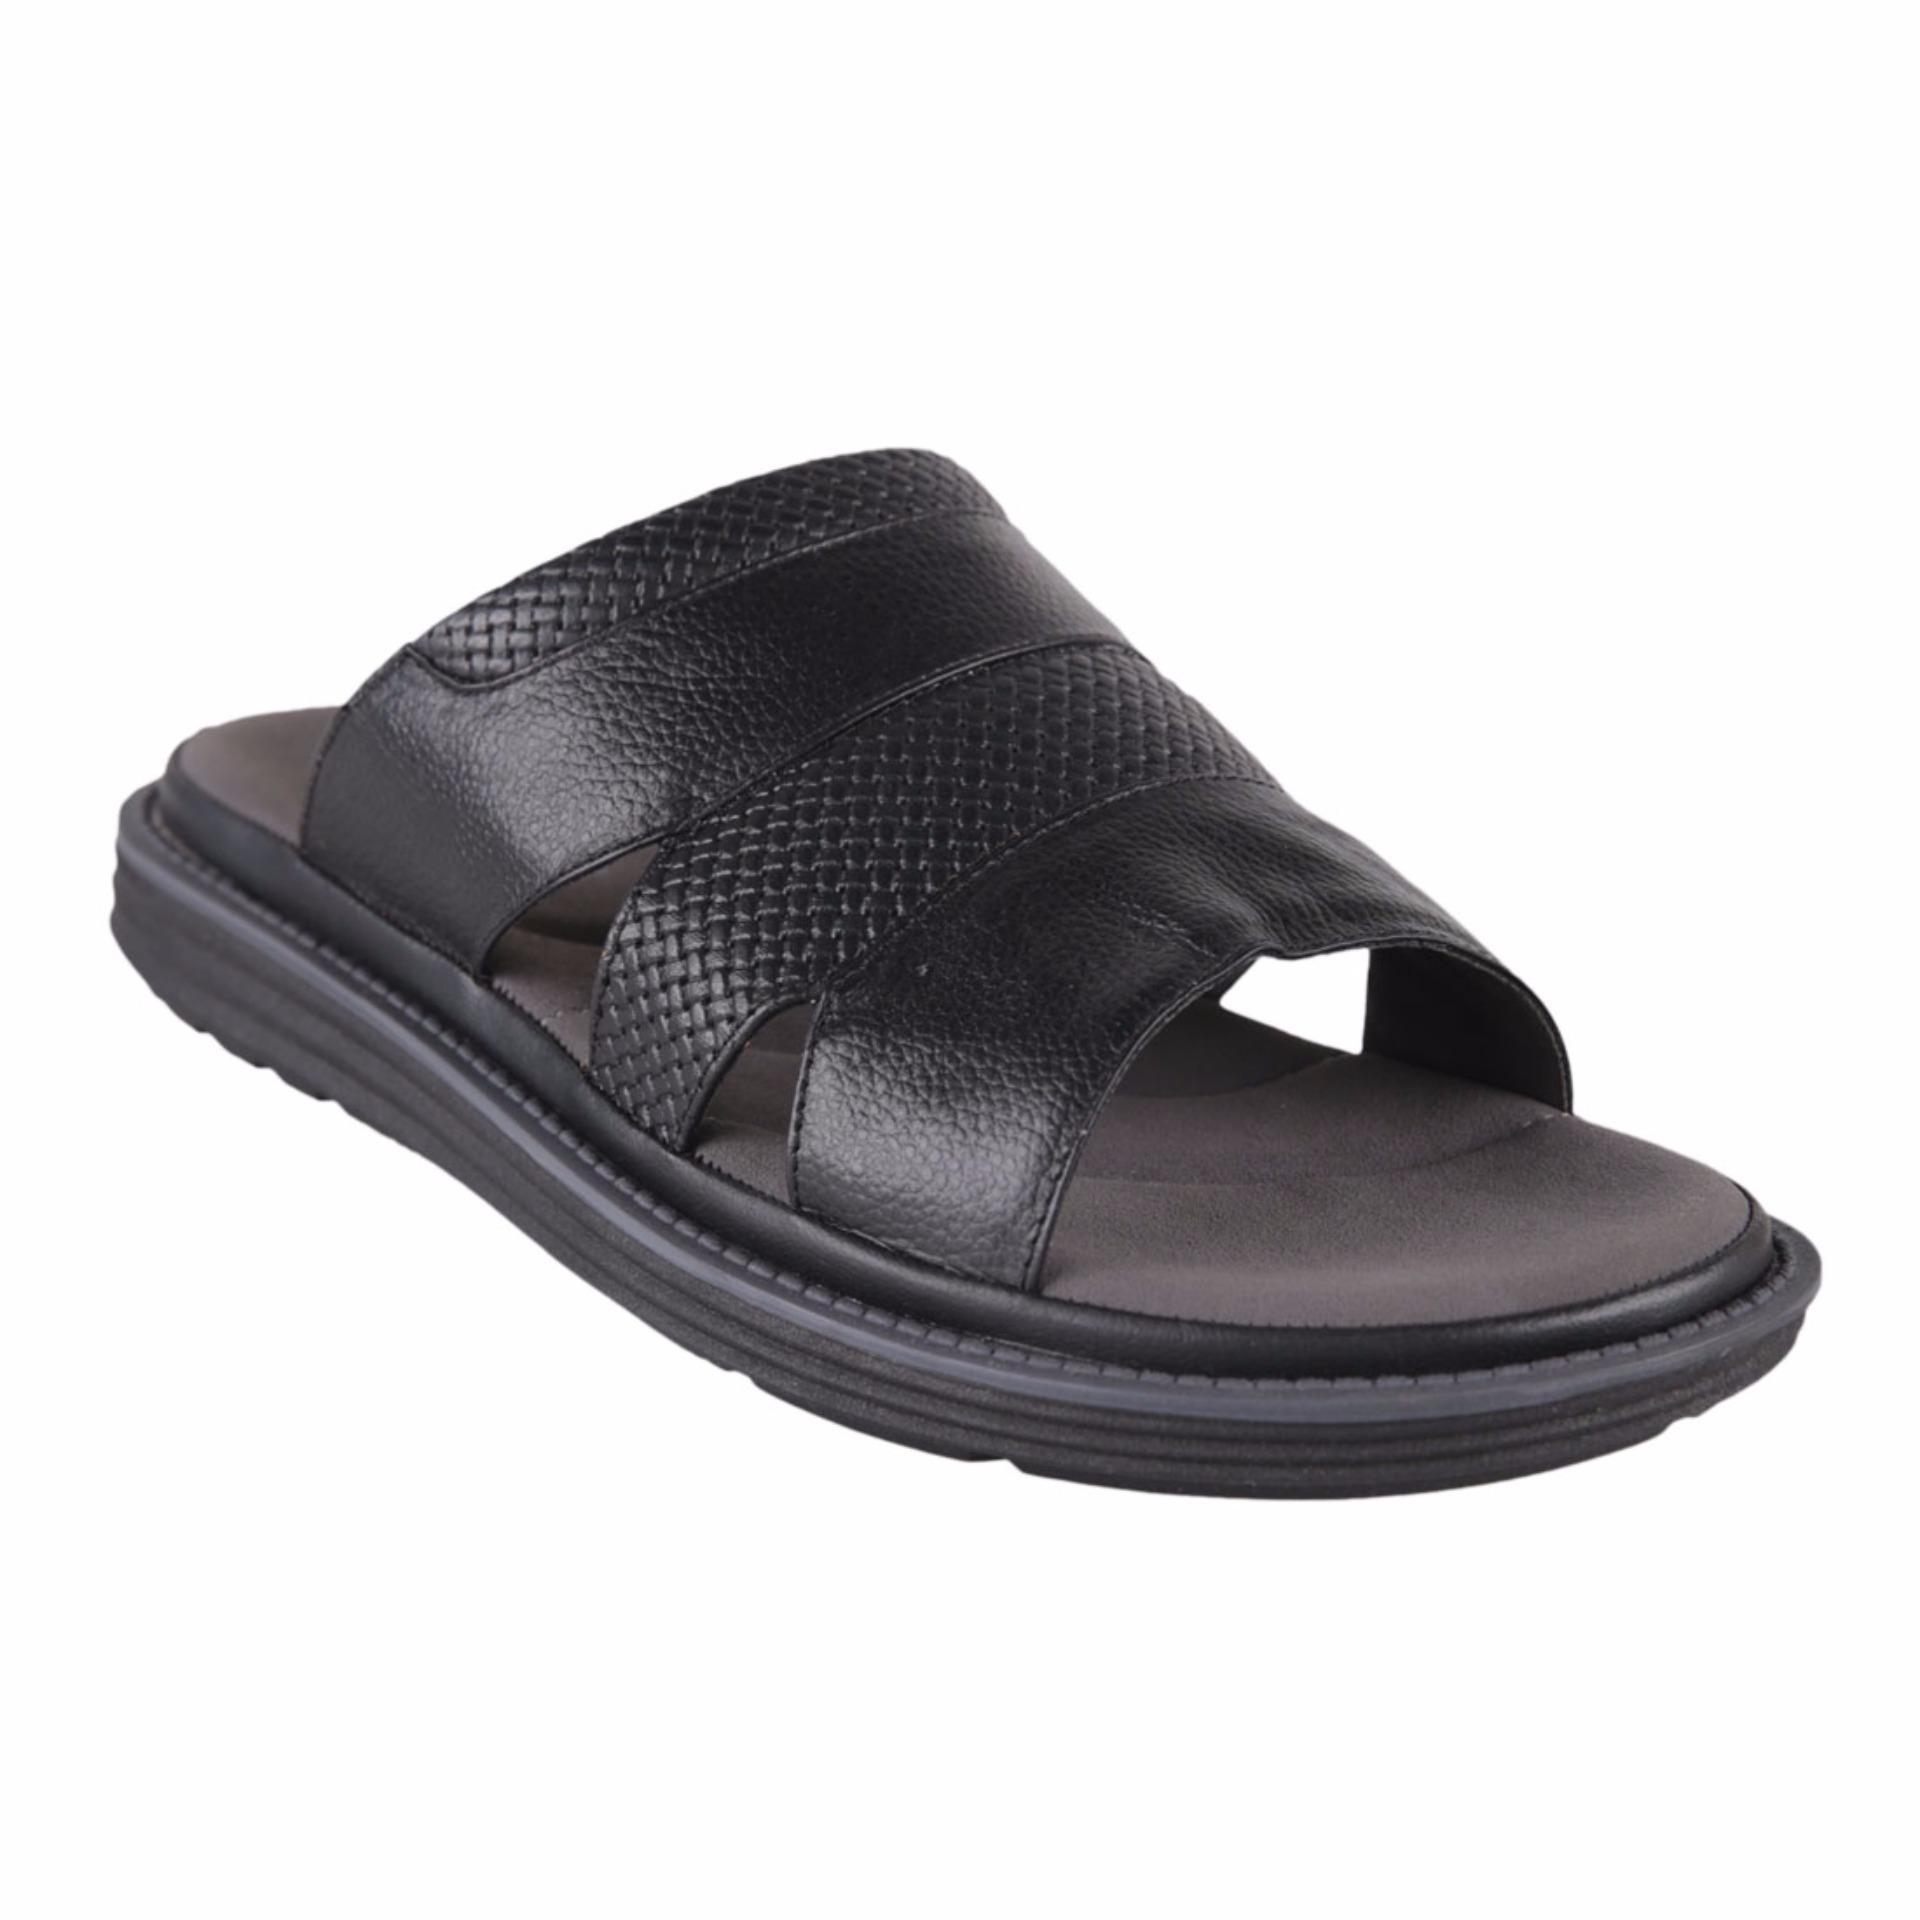 Obermain Sandal Pria Gary Iii - Mule